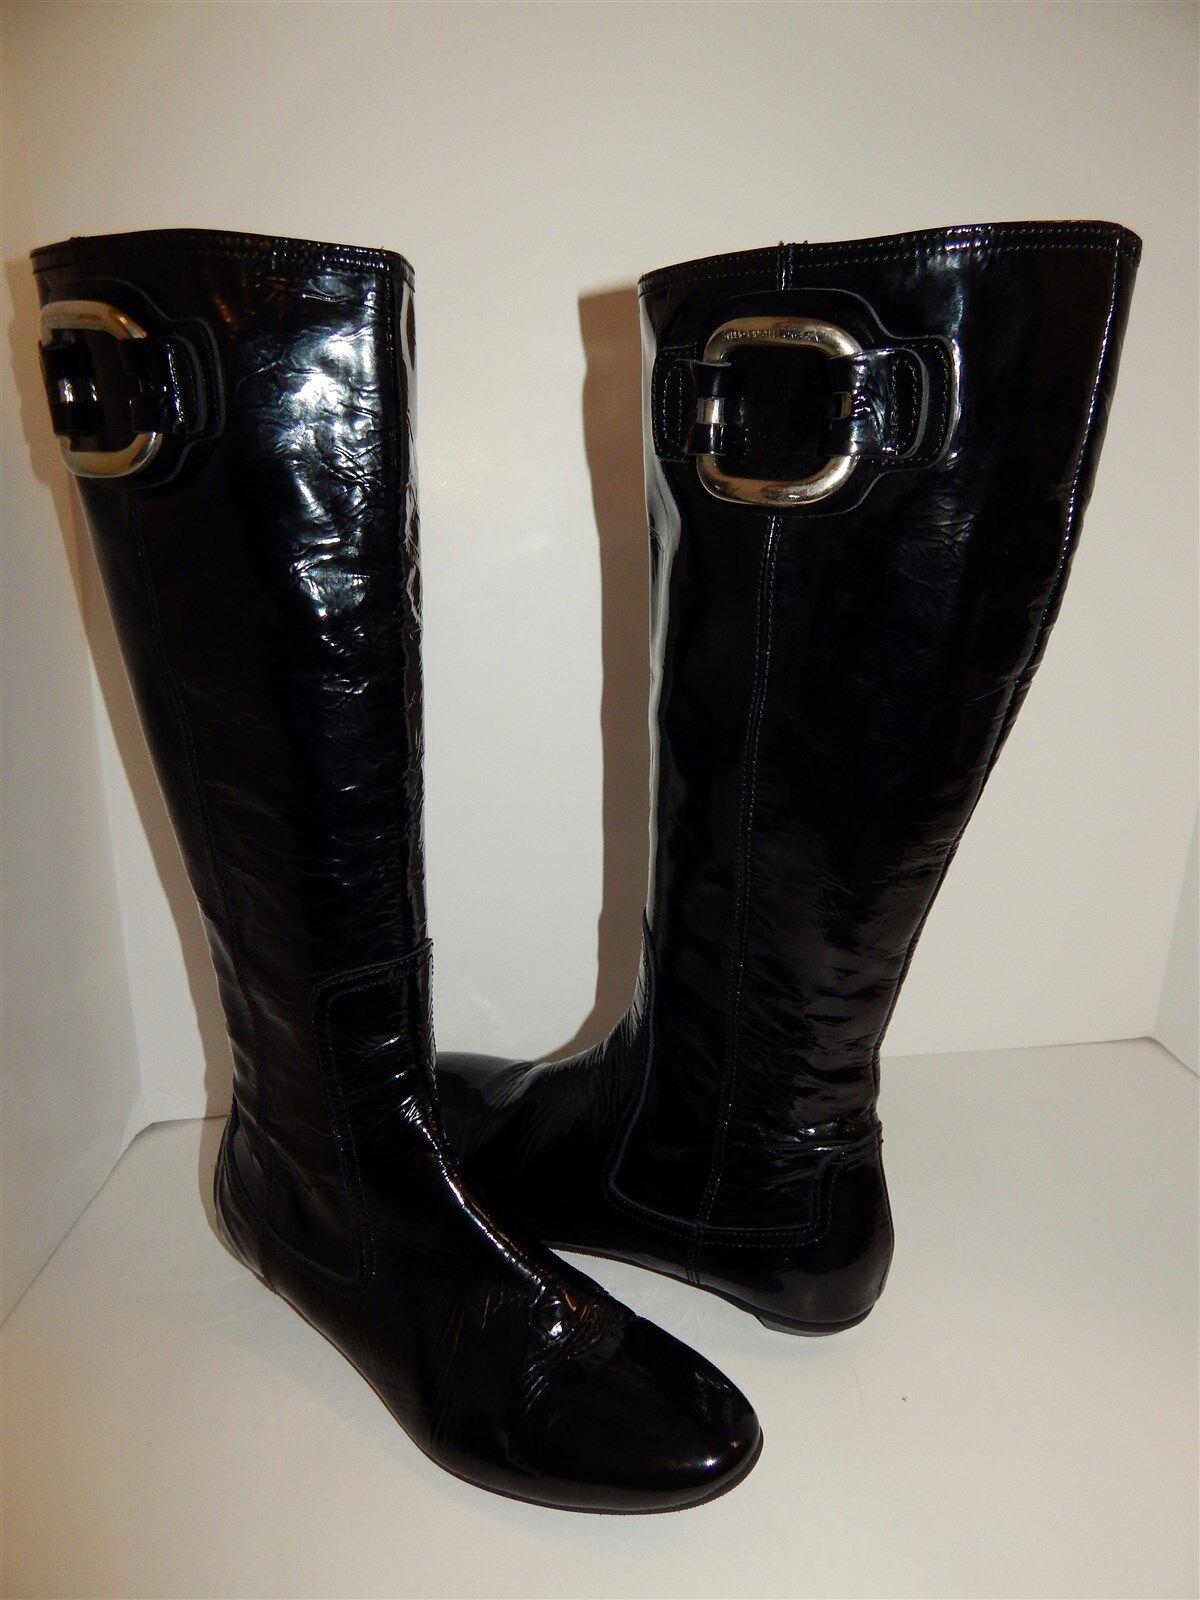 Attilio Giusti Leombruni AGL Black Patent Tall Boots 38.5 US US US sz 8 f6b699